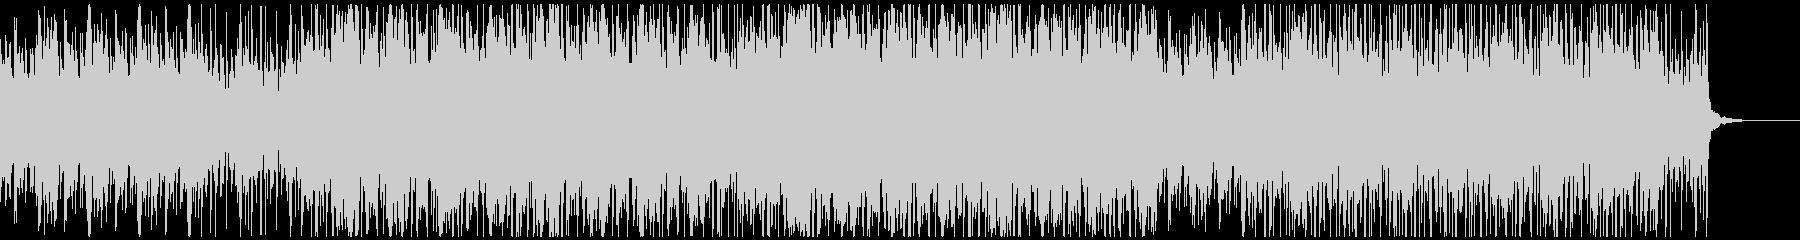 オープニング向けピアノの未再生の波形